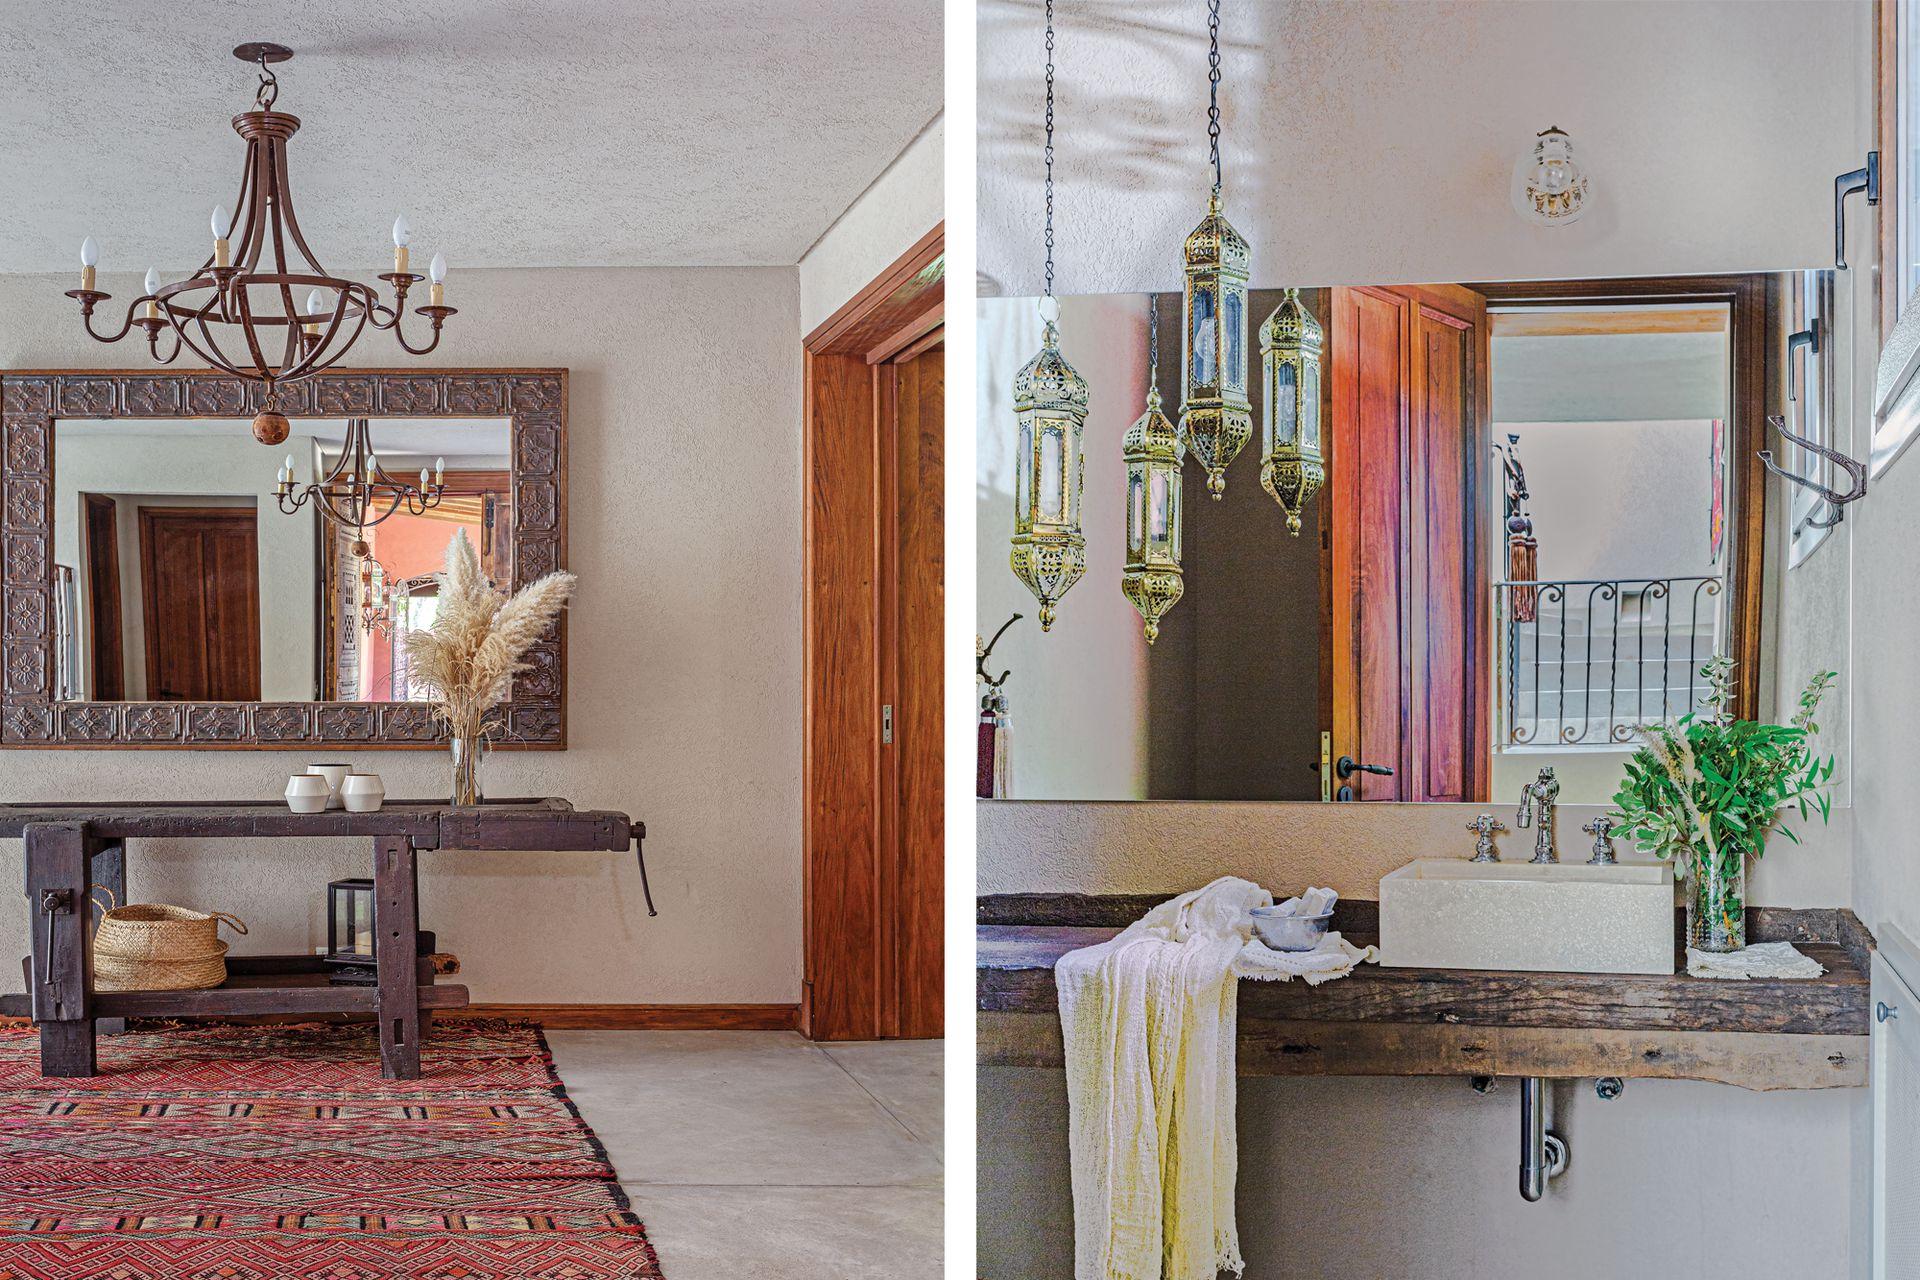 En el hall, mueble de Carpintería Cosas Viejas, de Manuel Montivero, y alfombra de colorido similar al de la fachada.